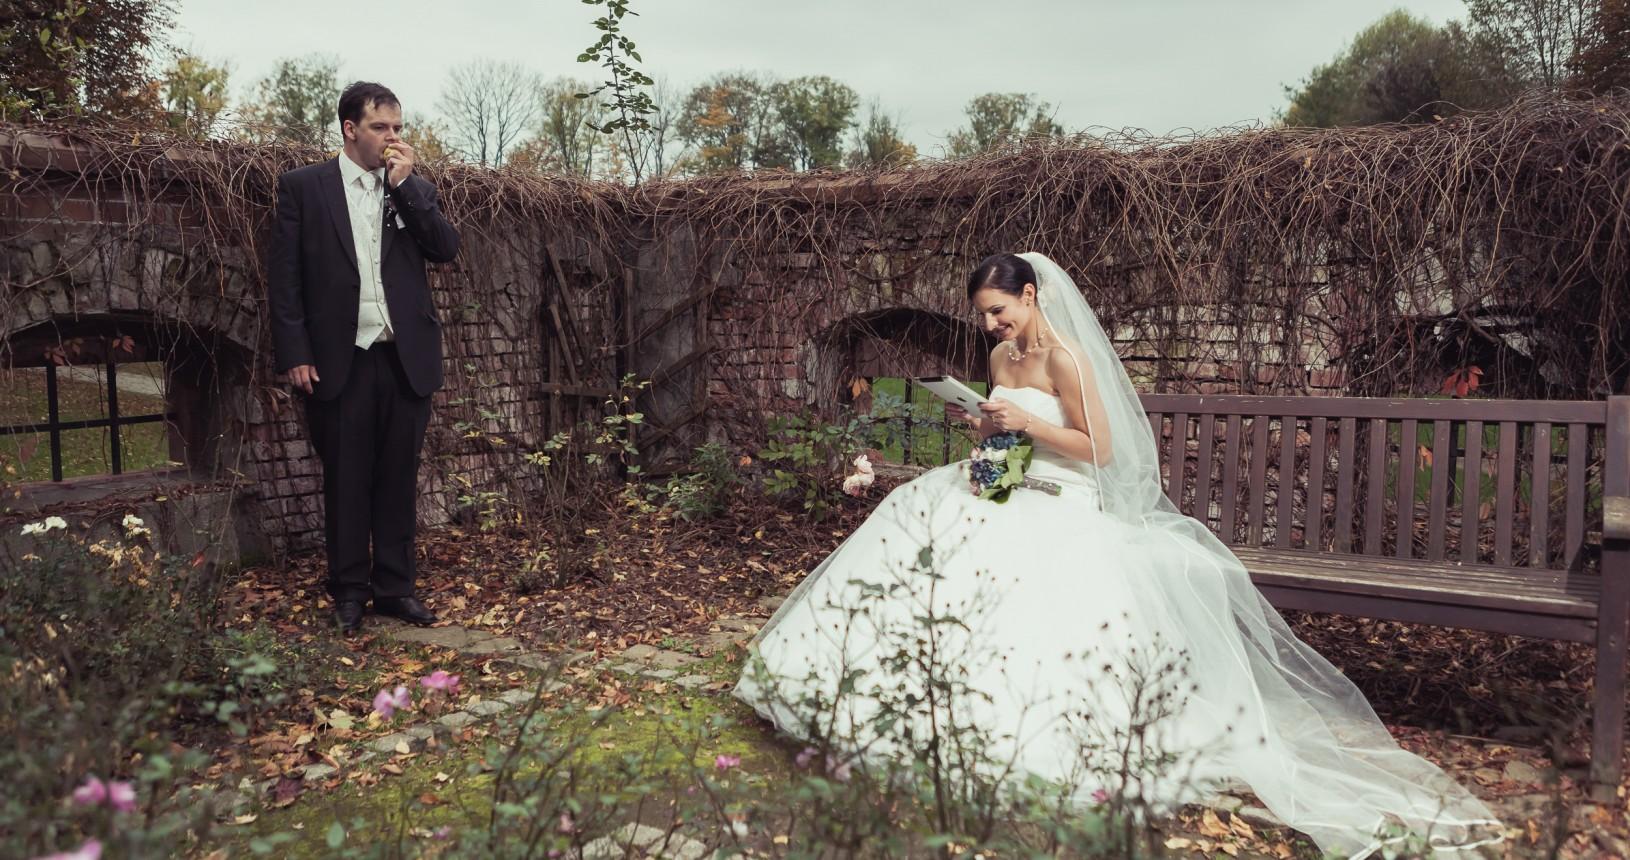 Abgedreht-Wedding-HZ-Tina-Stefan-372-2